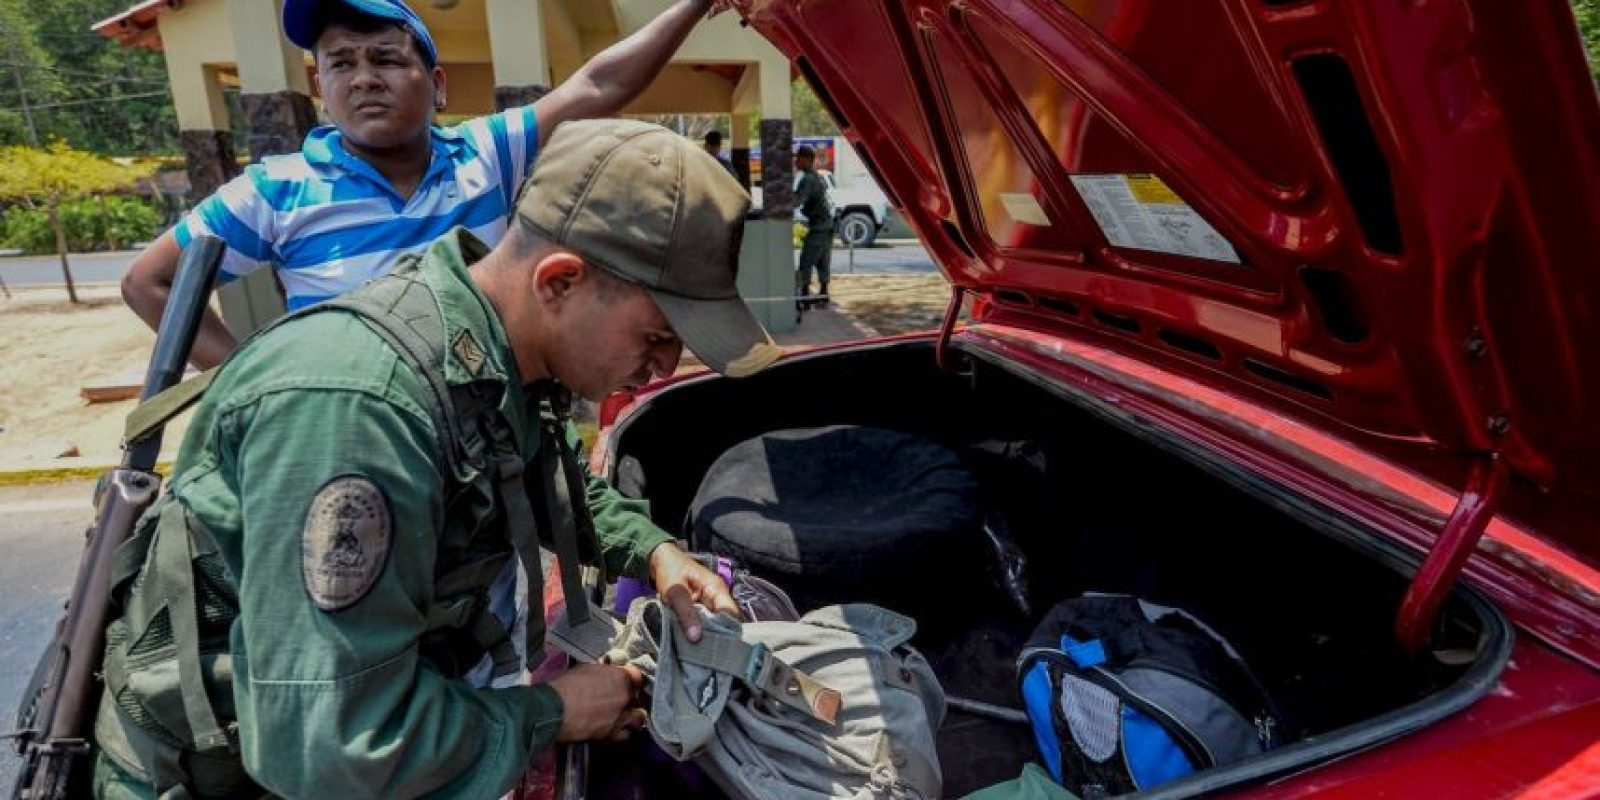 El pasado 19 de agosto, el presidente Nicolás Maduro decretó el cierre de fronteras en el estado de Táchira Foto:AFP